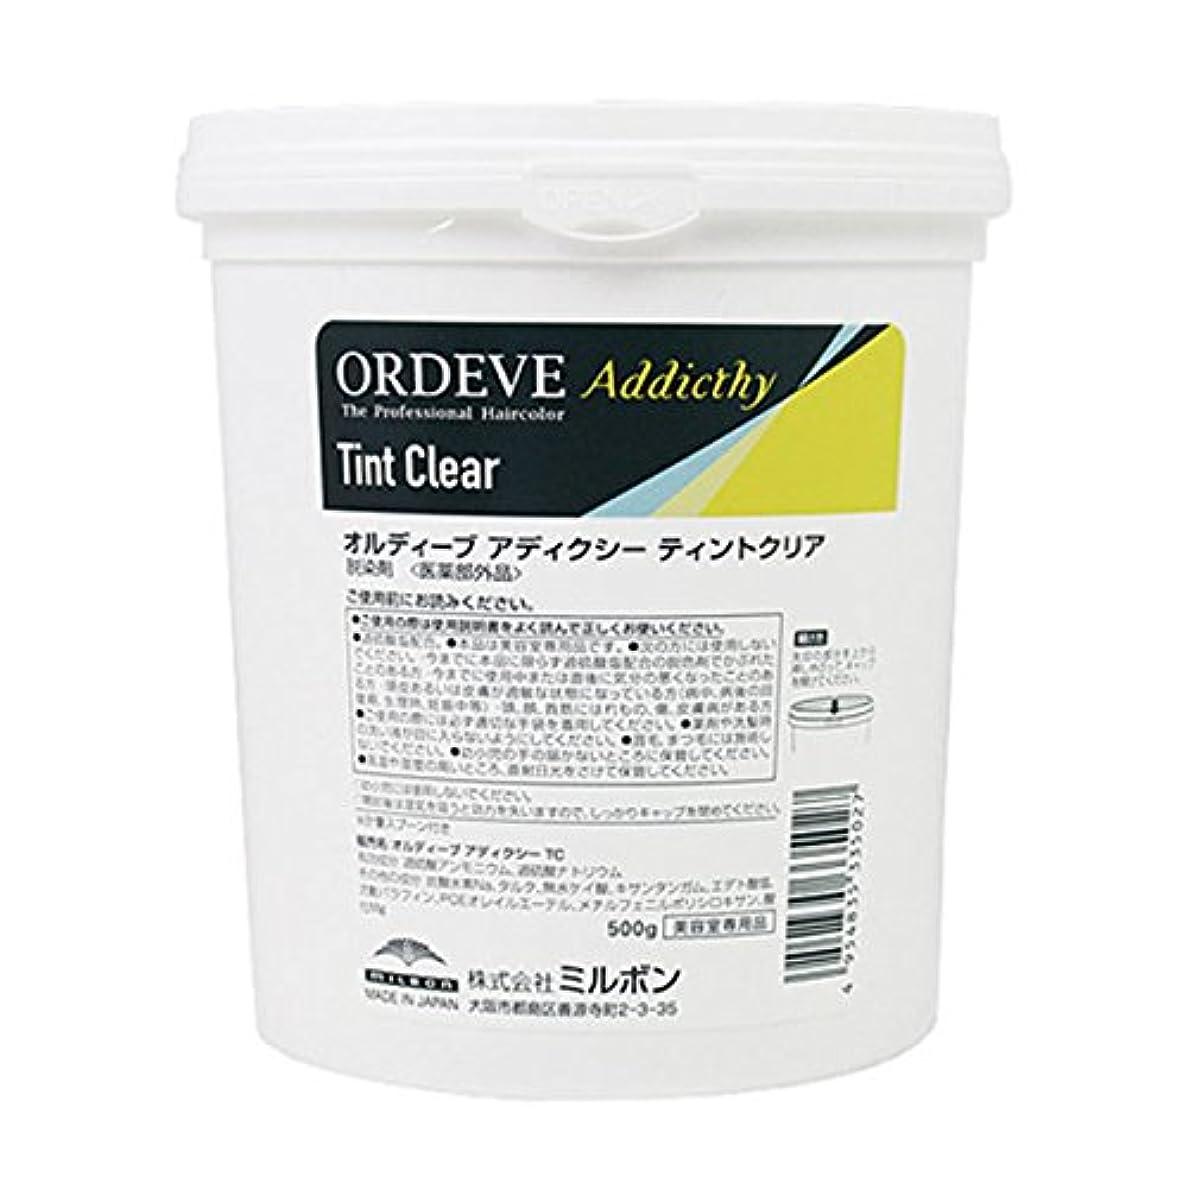 補体観光難しいミルボン オルディーブ アディクシー ティントクリア 500g (脱色剤?脱染剤)